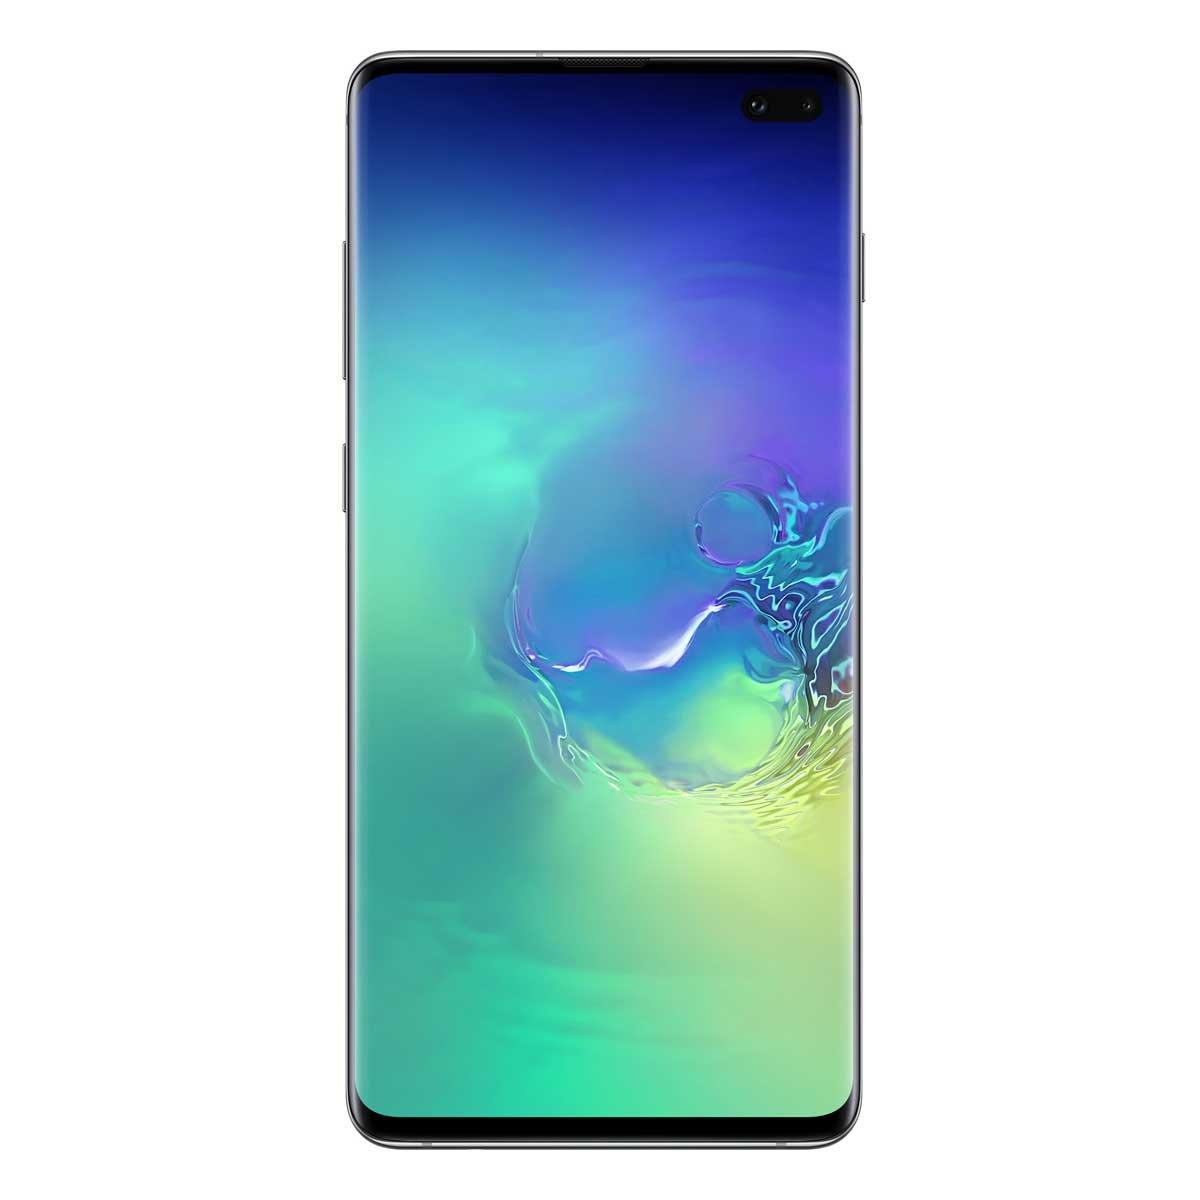 Celular Samsung S10+ G975 128 Gb Color Verde R9 (Telcel)